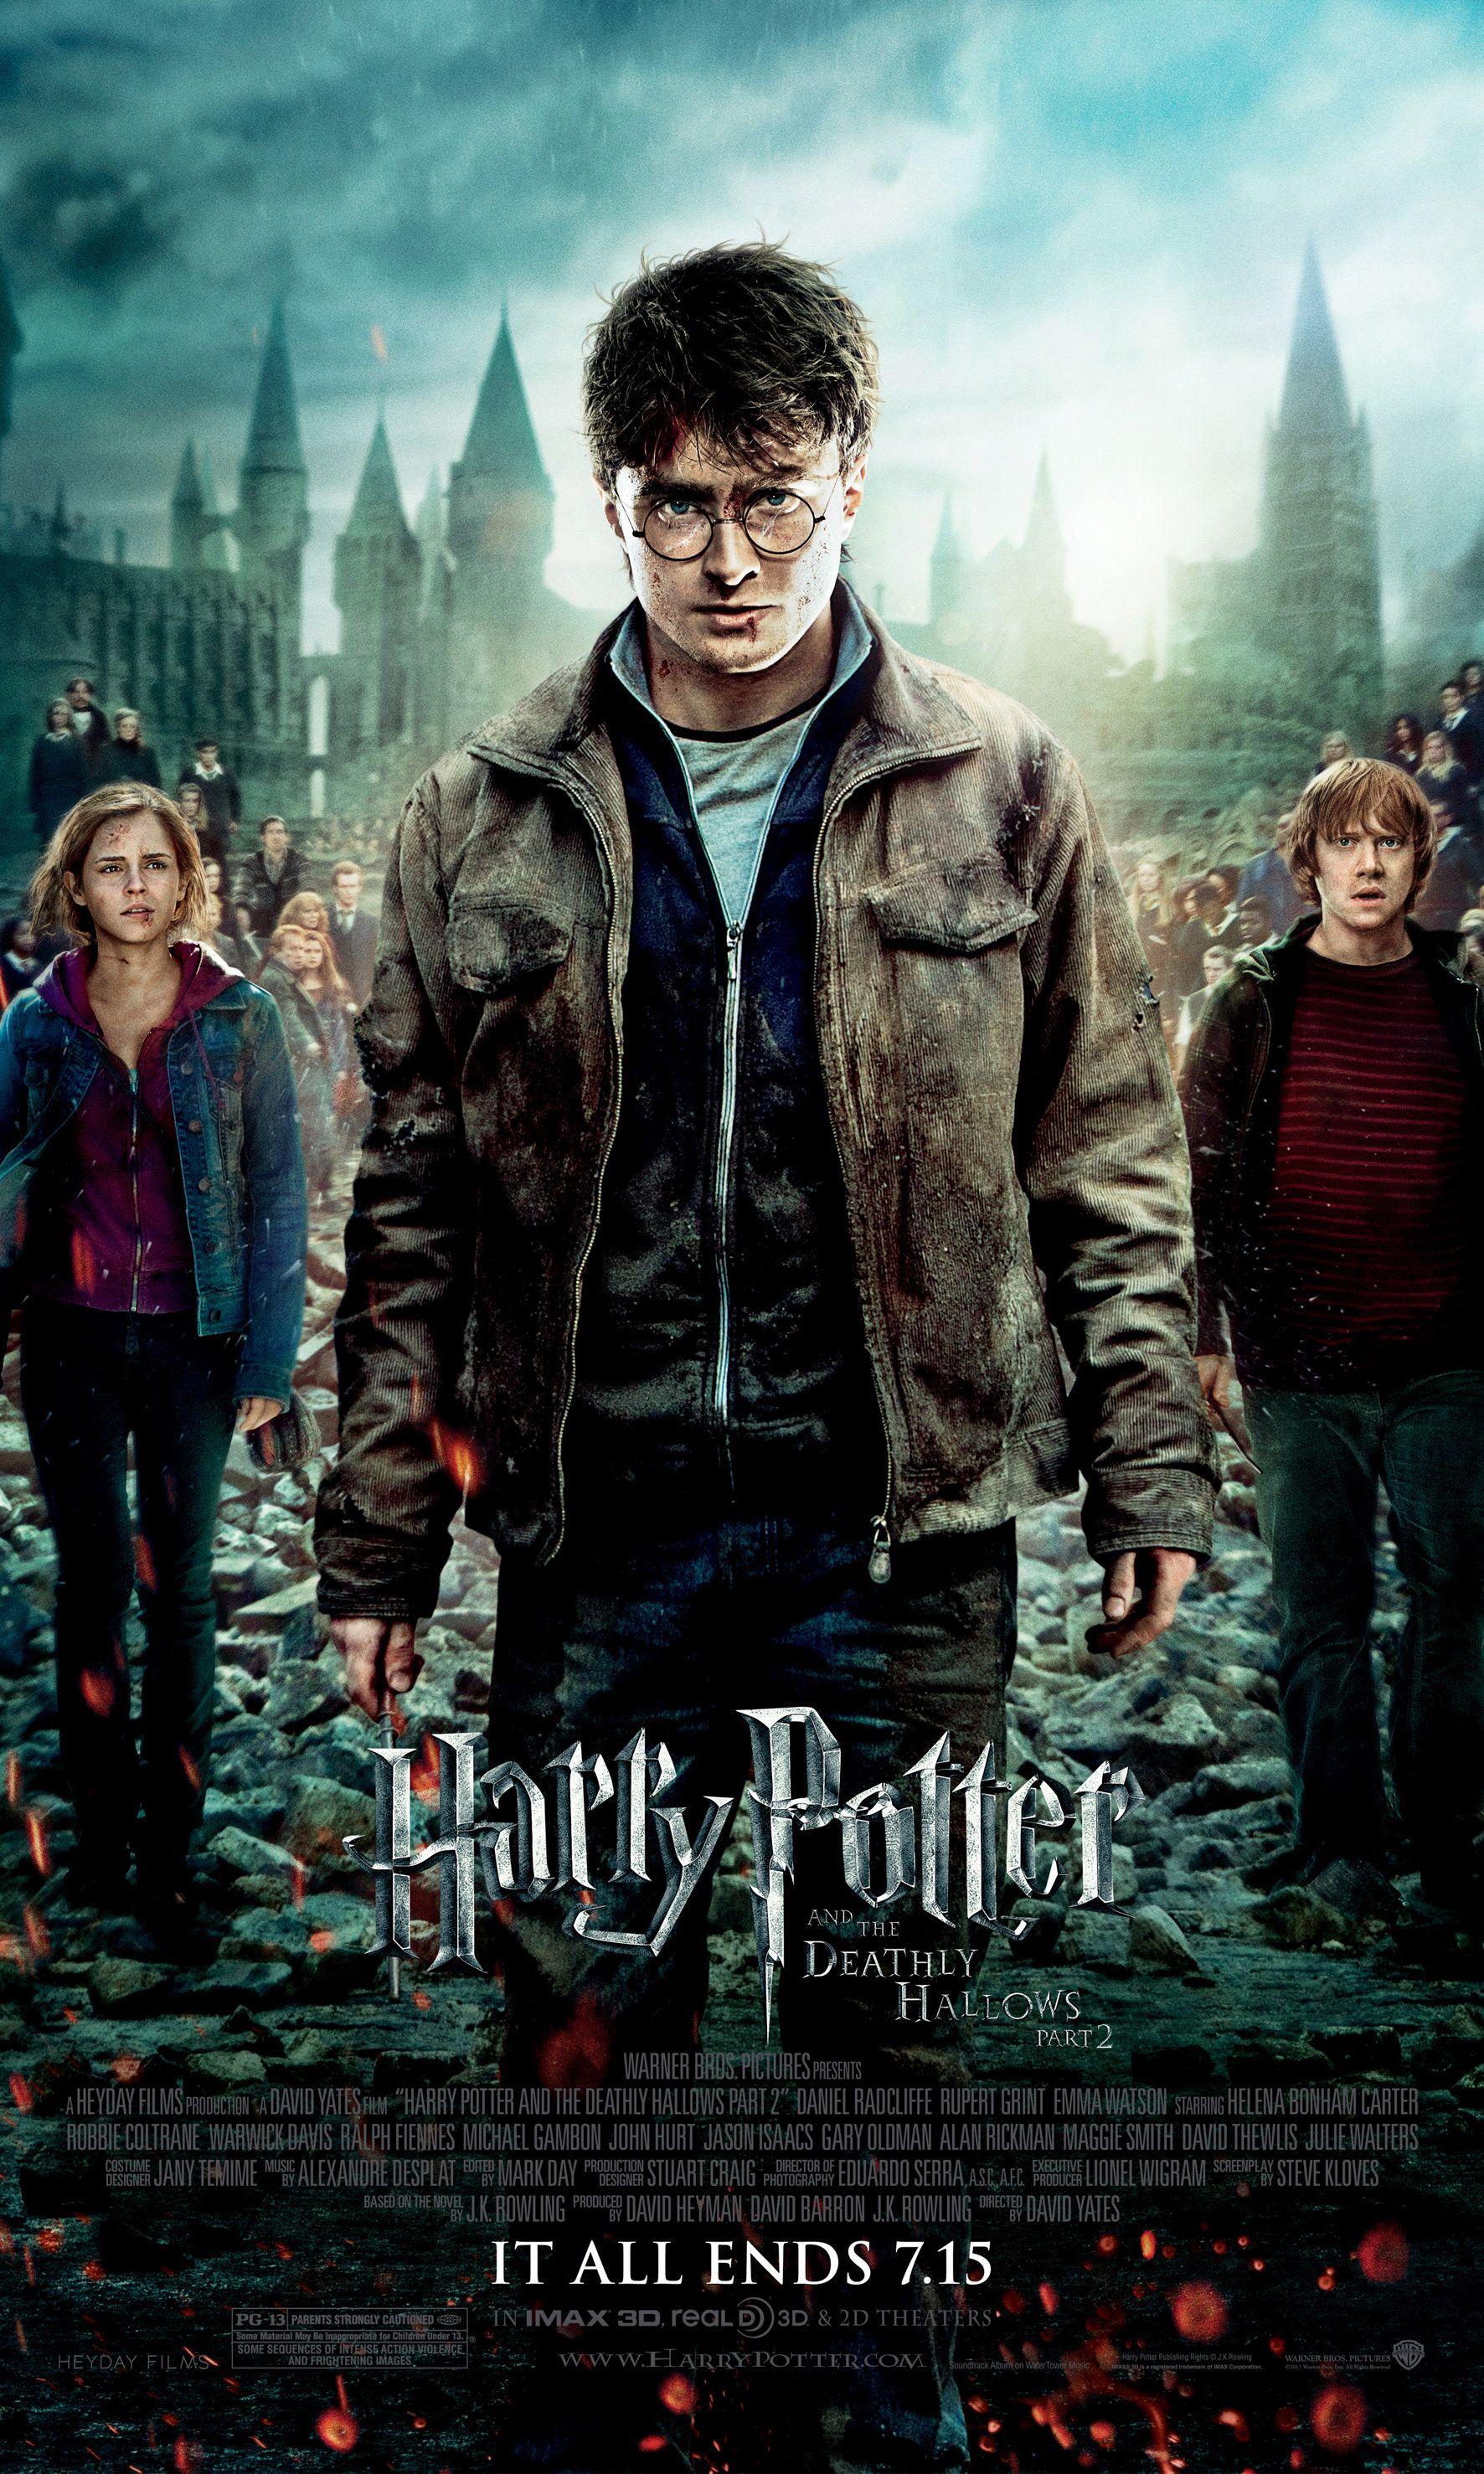 Es Gibt Einen Neuen Harry Potter Film Und An Diesem Datum Erscheint Er Harry Potter Film Harry Potter Poster Heiligtumer Des Todes